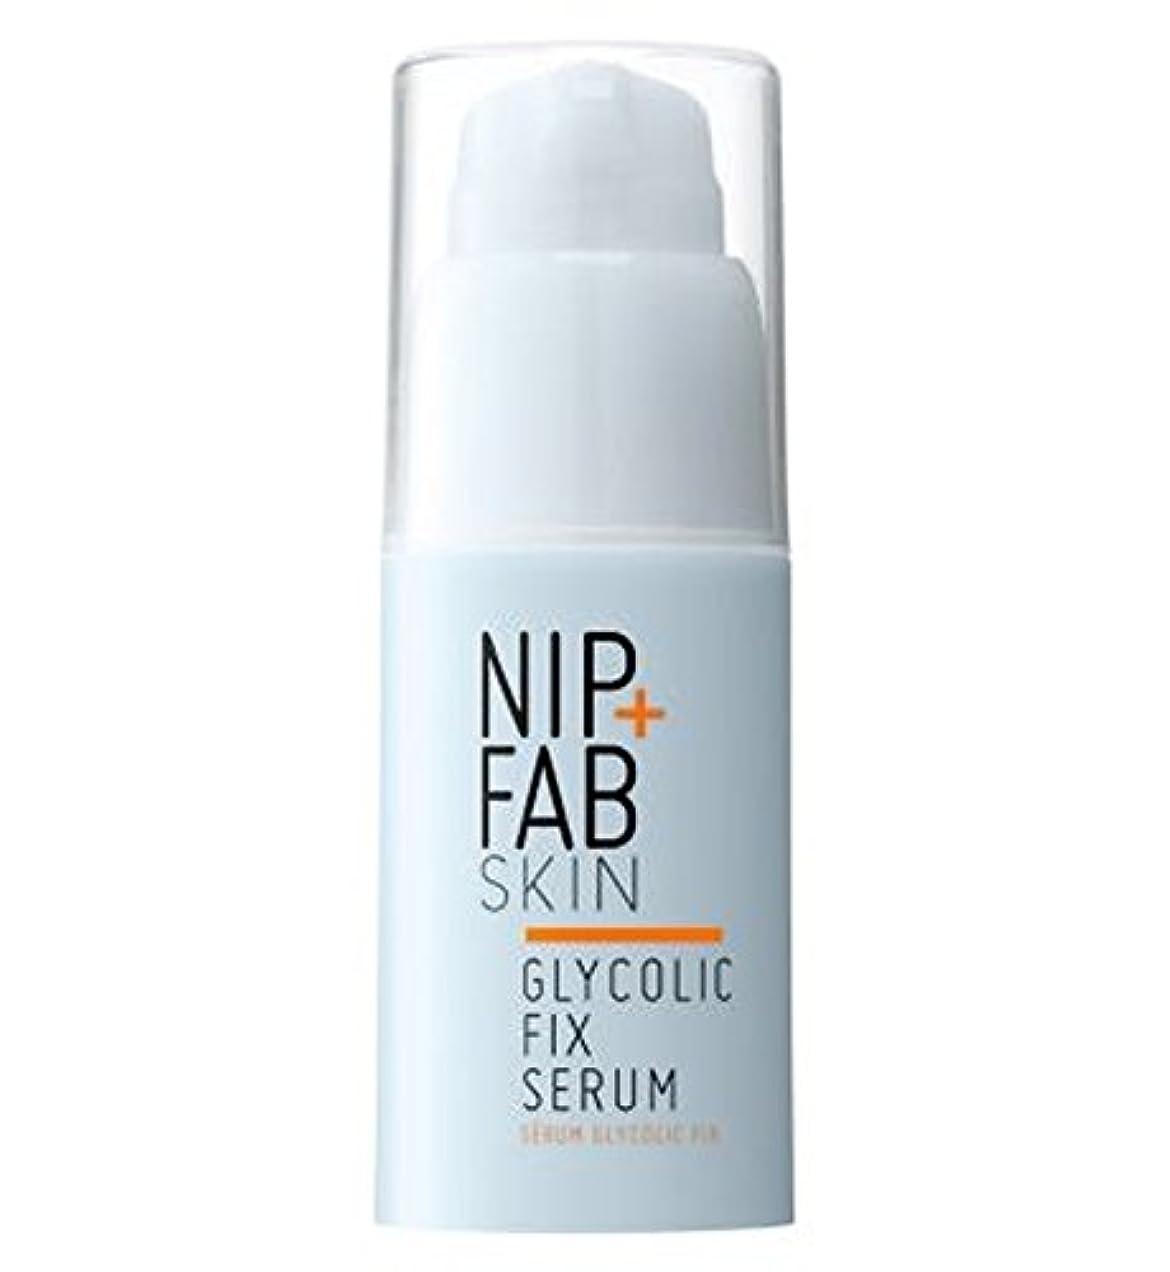 経歴レンダーわざわざNip + Fab Glycolic Fix Serum 30ml - +ファブグリコール修正血清30ミリリットルニップ (Nip & Fab) [並行輸入品]